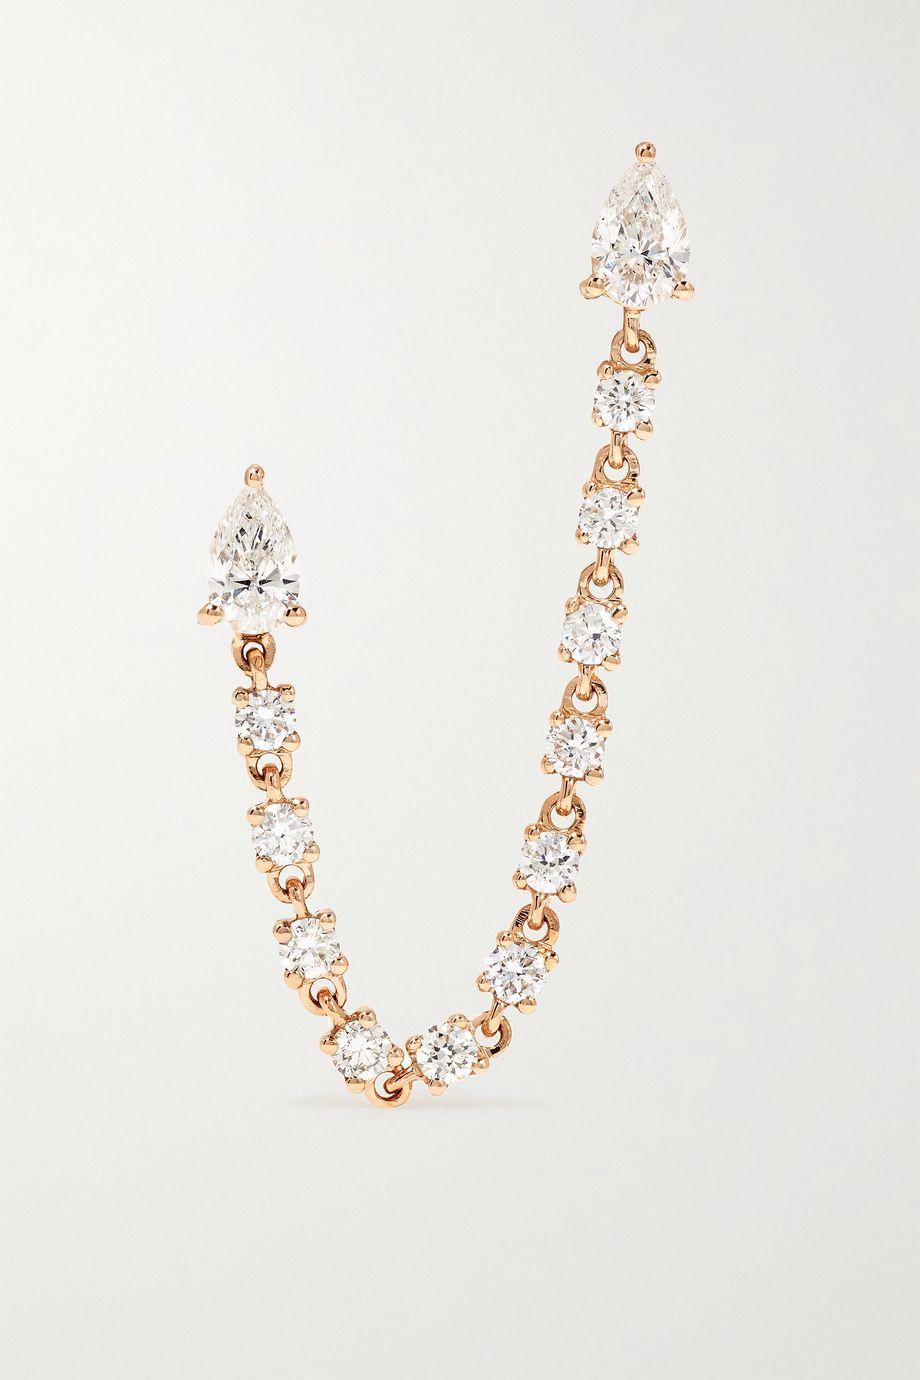 Anita Ko Ohrring aus 18 Karat Roségold mit Diamanten